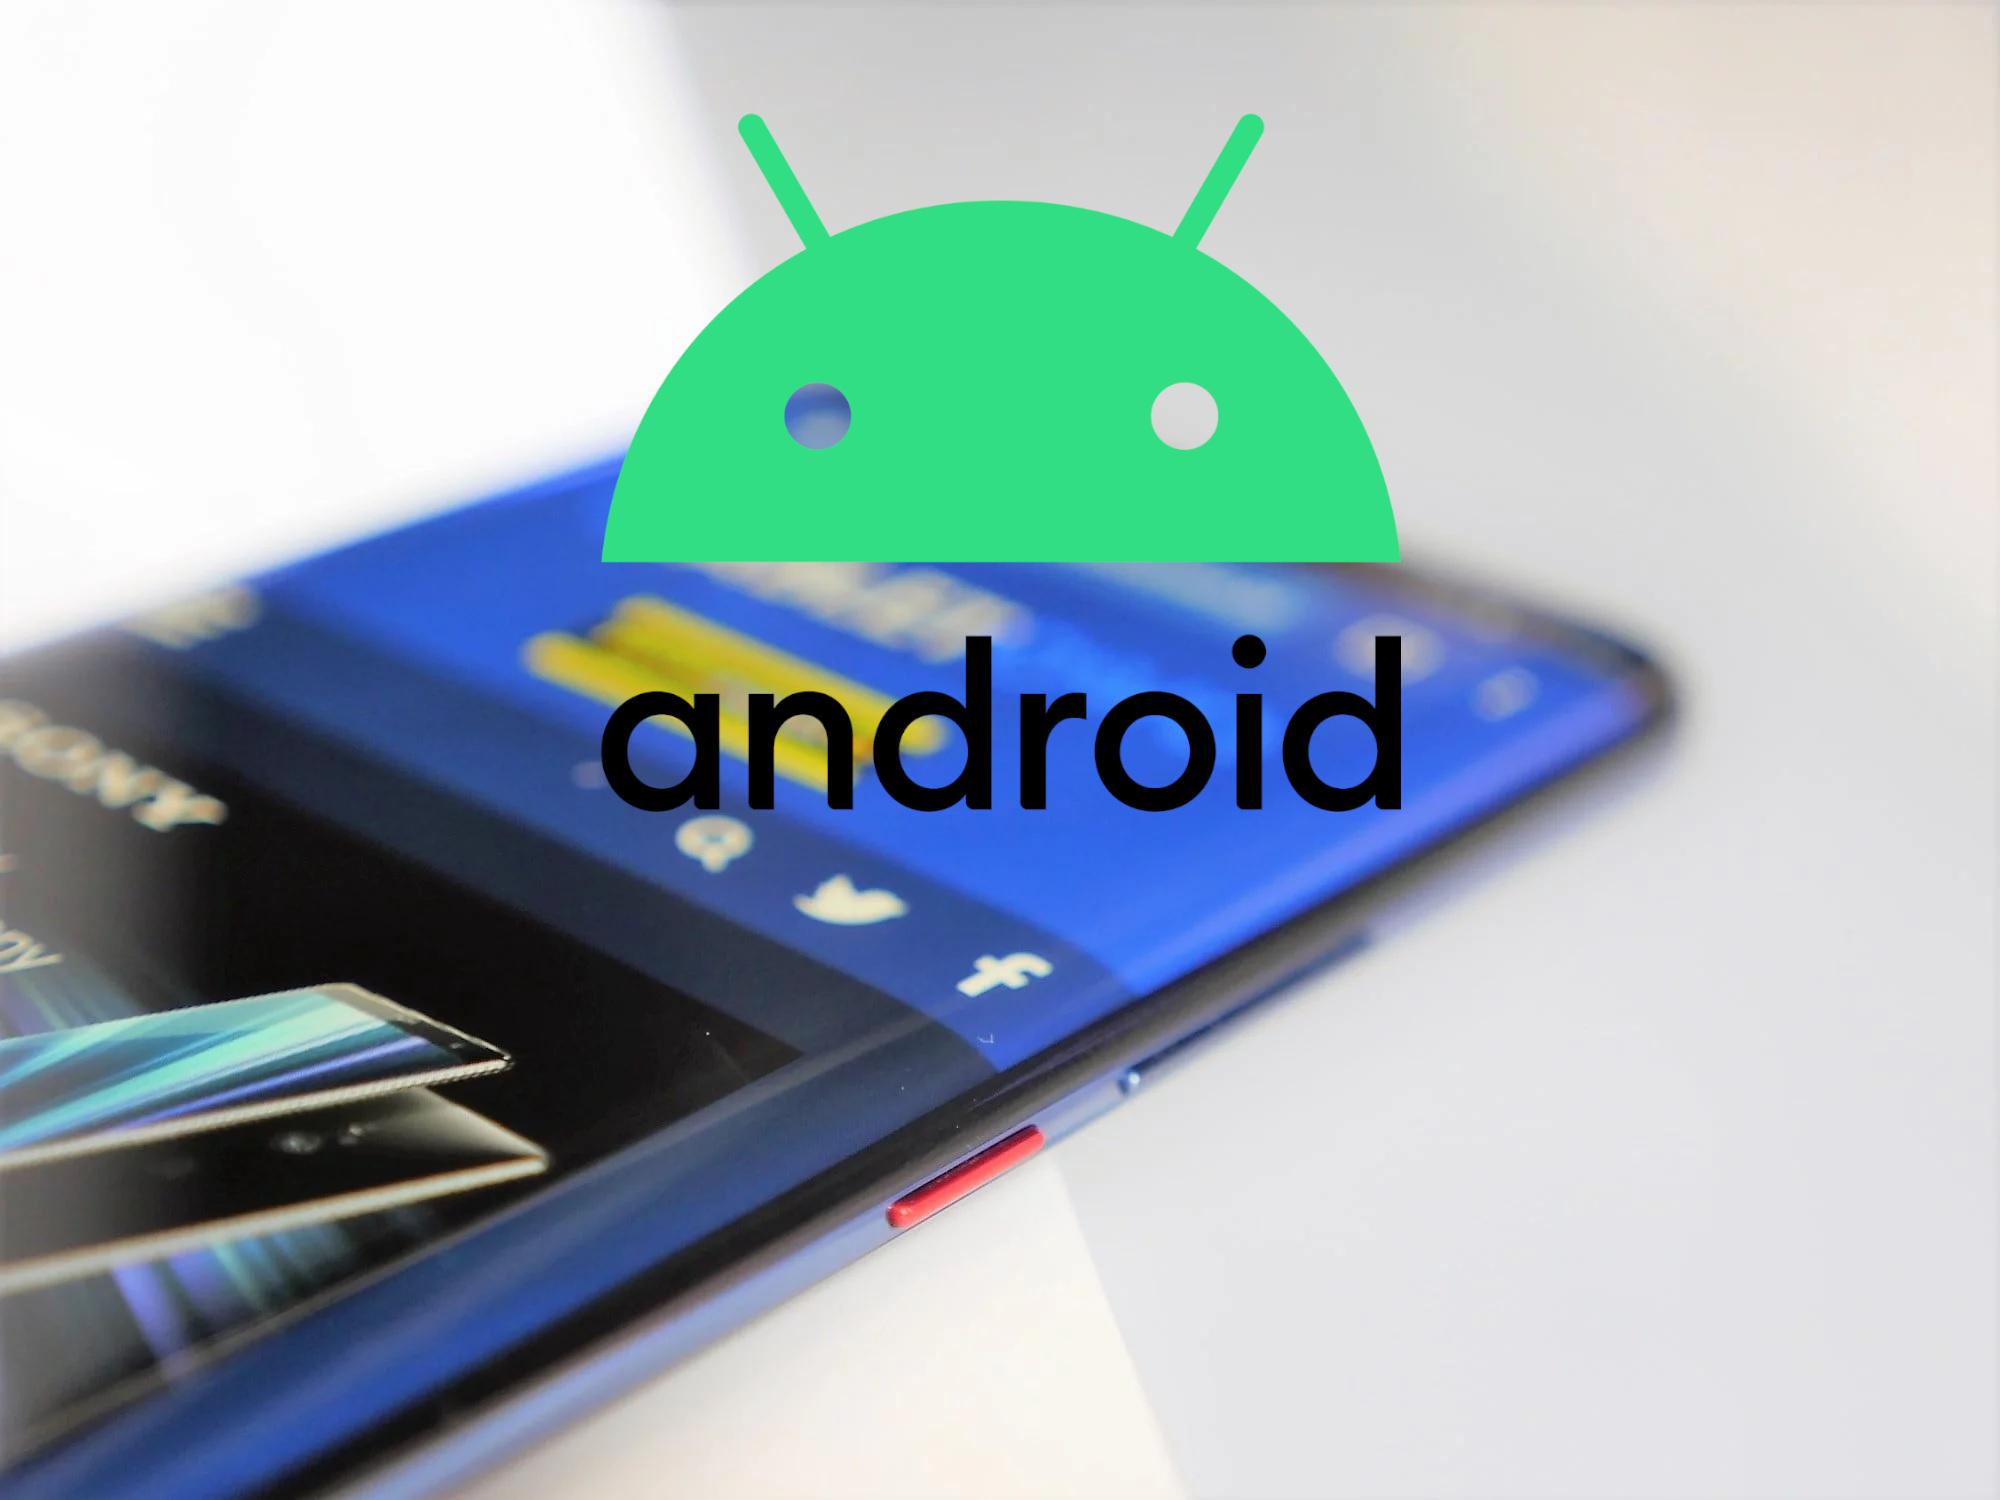 Google wstydzi się fragmentacji Androida (i wcale się nie dziwię) 26